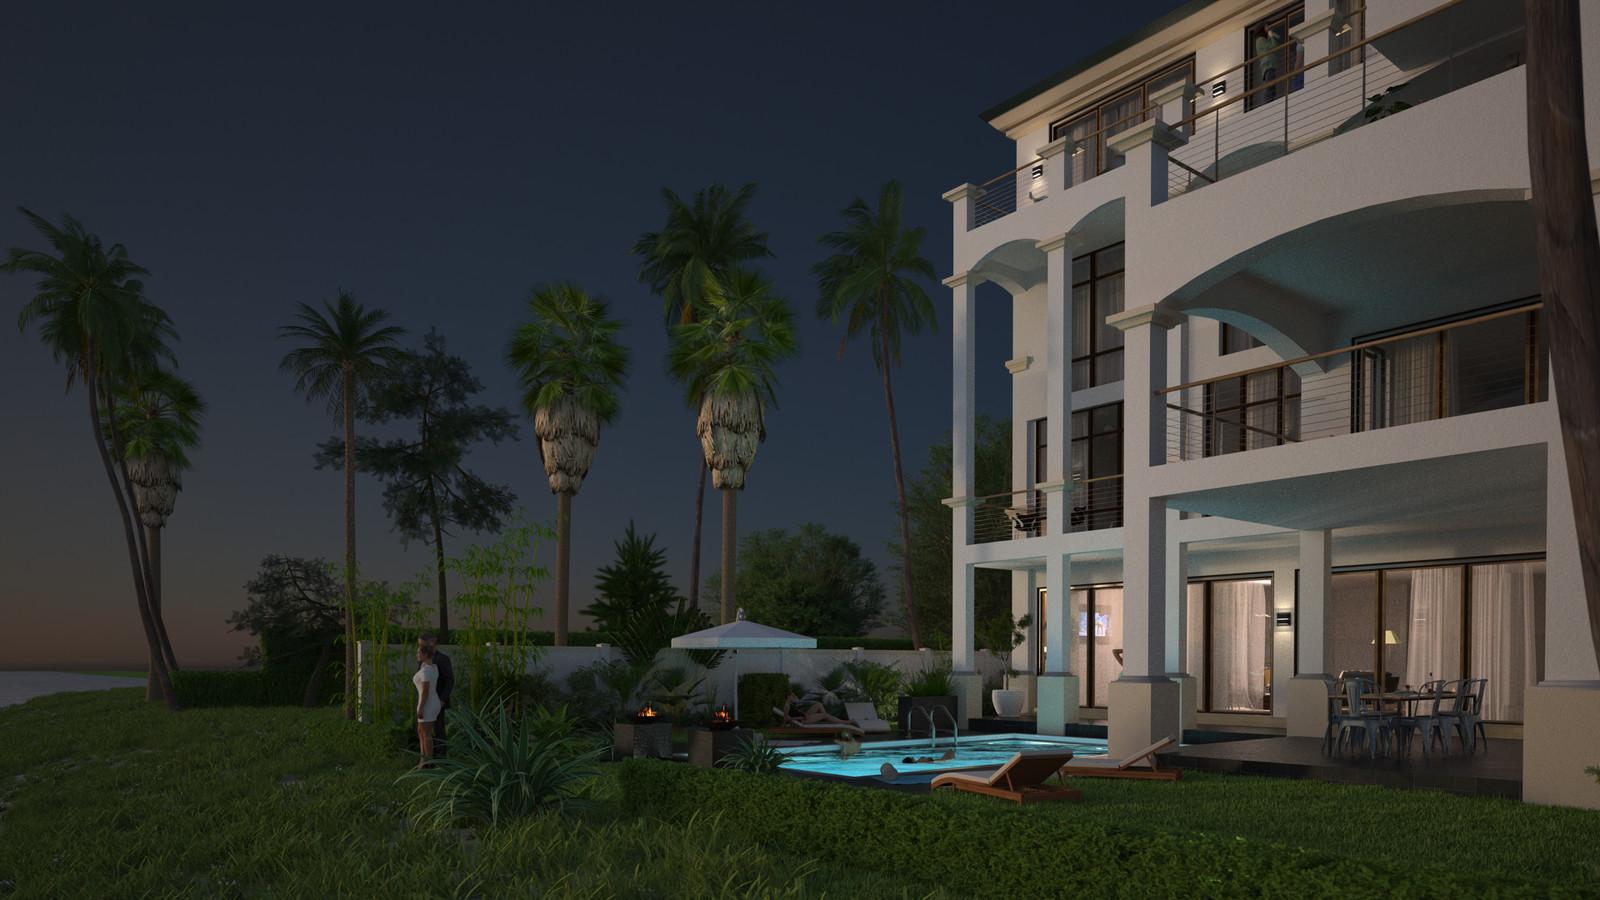 SketchUp + Thea Render  Seagrove Beach House: Back Garden 02 2pt Studio Night A 1920 × 1080 Presto MC Bucket